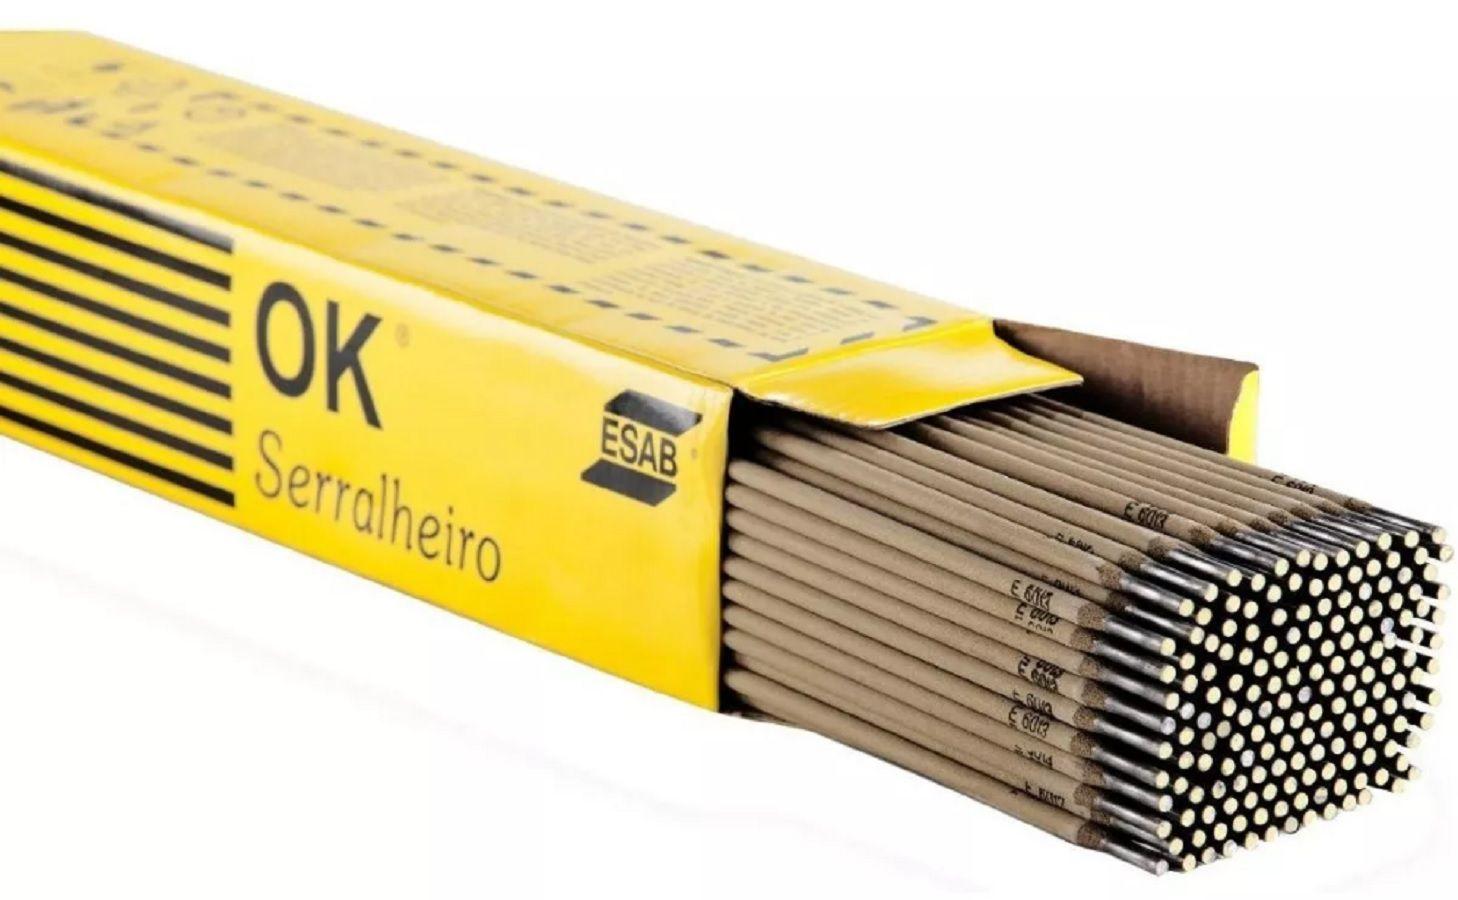 Eletrodo Esab Ok Serralheiro 2,50mm 5kg 301673